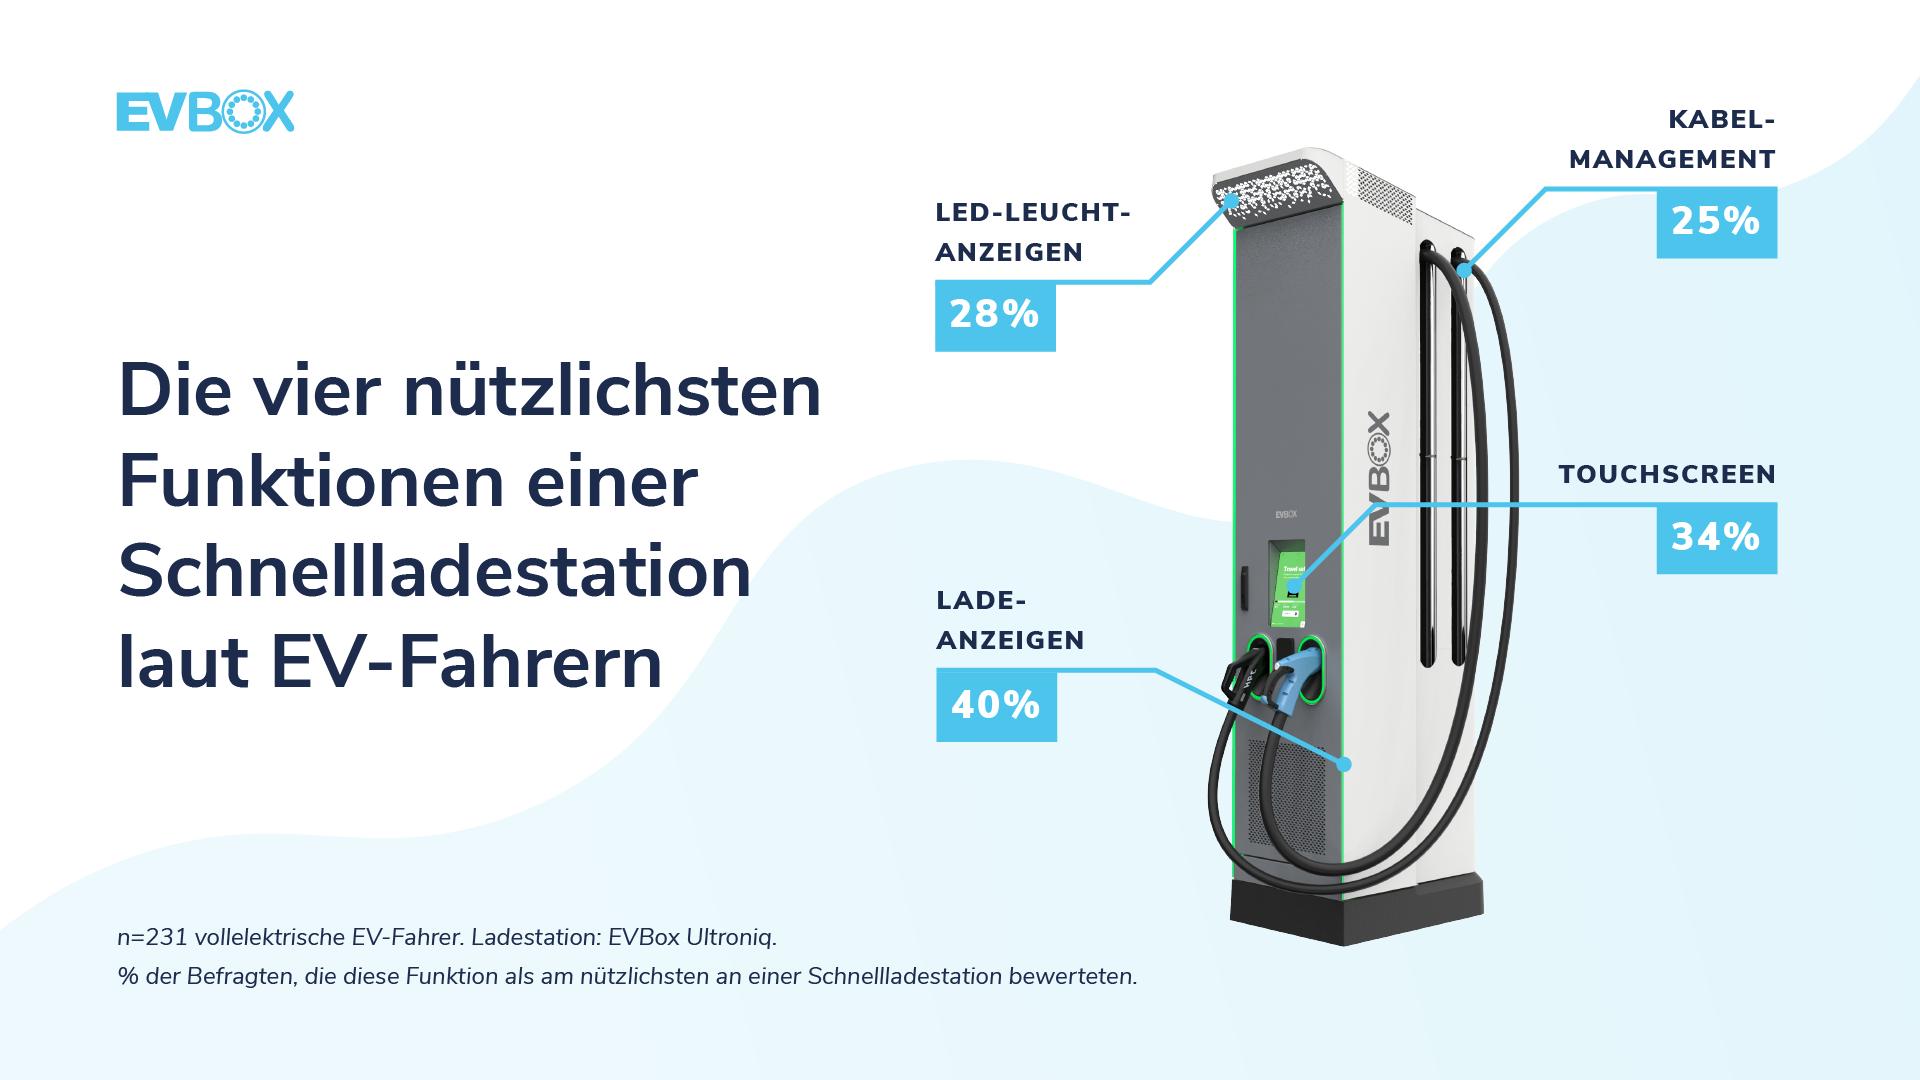 EVBox Mobility Monitor - Die vier nützlichsten Funktionen einer Schnellladestation laut EV-Fahrern